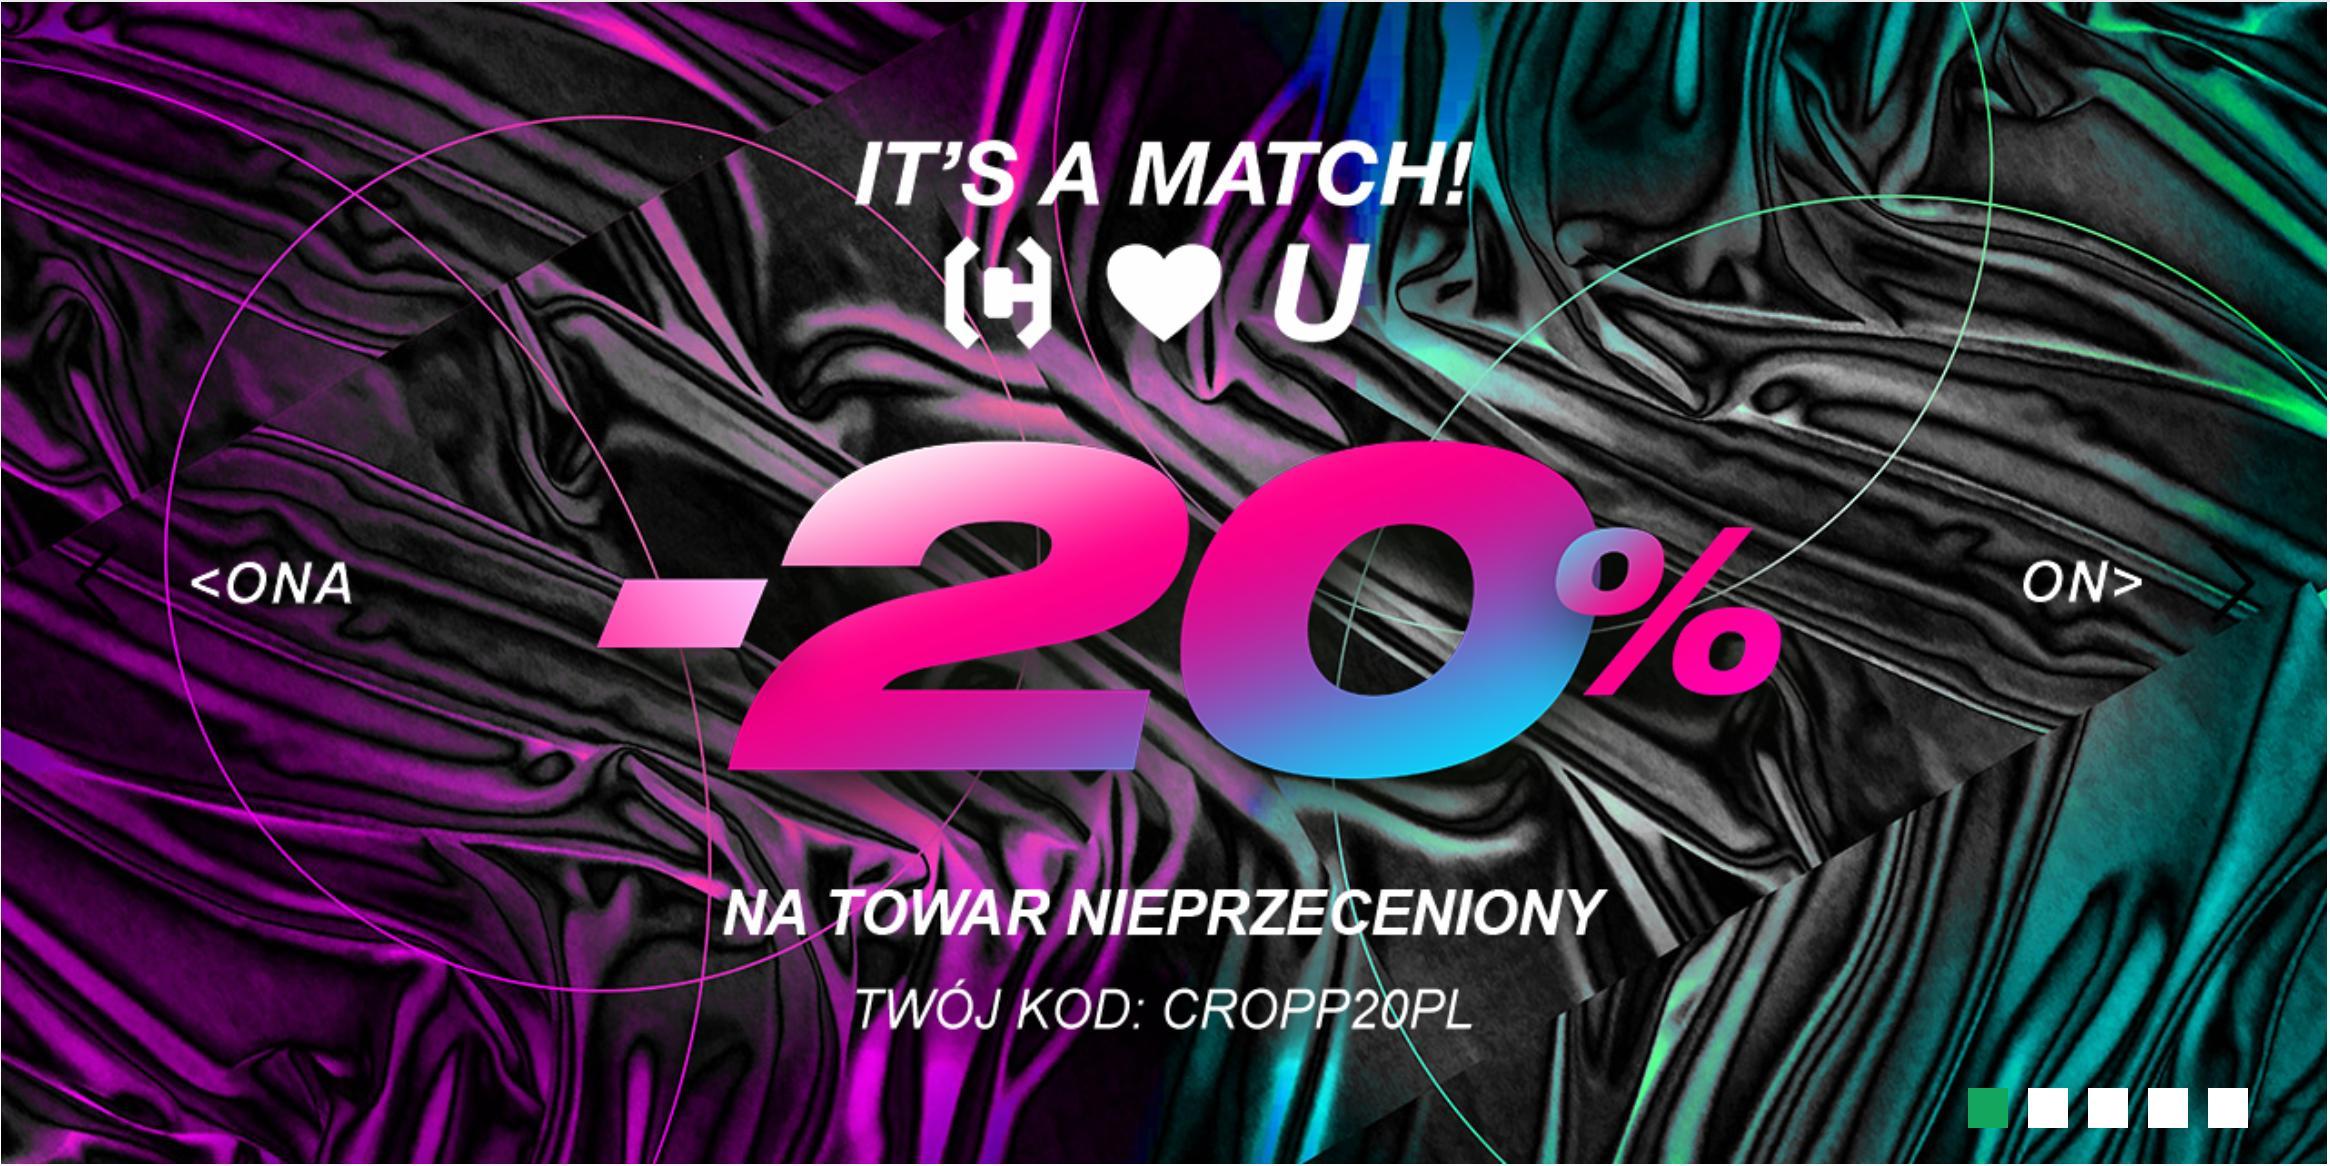 Cropp: Walentynkowa promocja 20% rabatu na nieprzecenioną odzież damską i męską